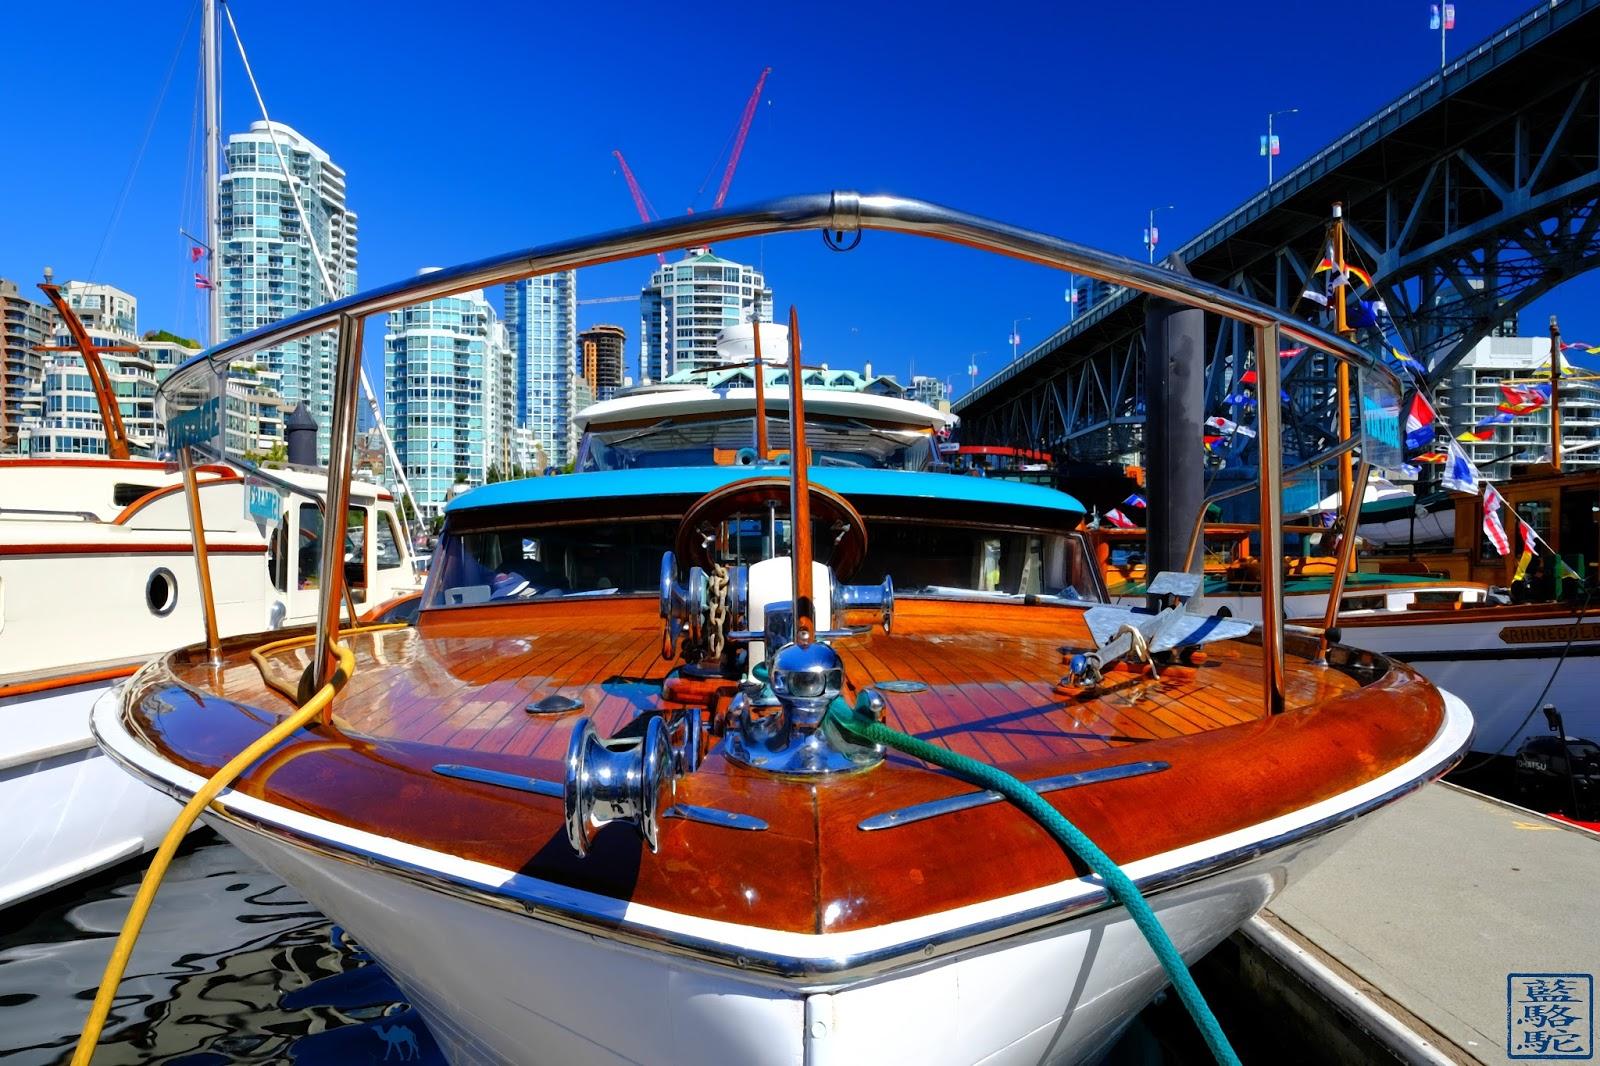 Le Chameau Bleu - Bateau de Granville Island - Vancouver